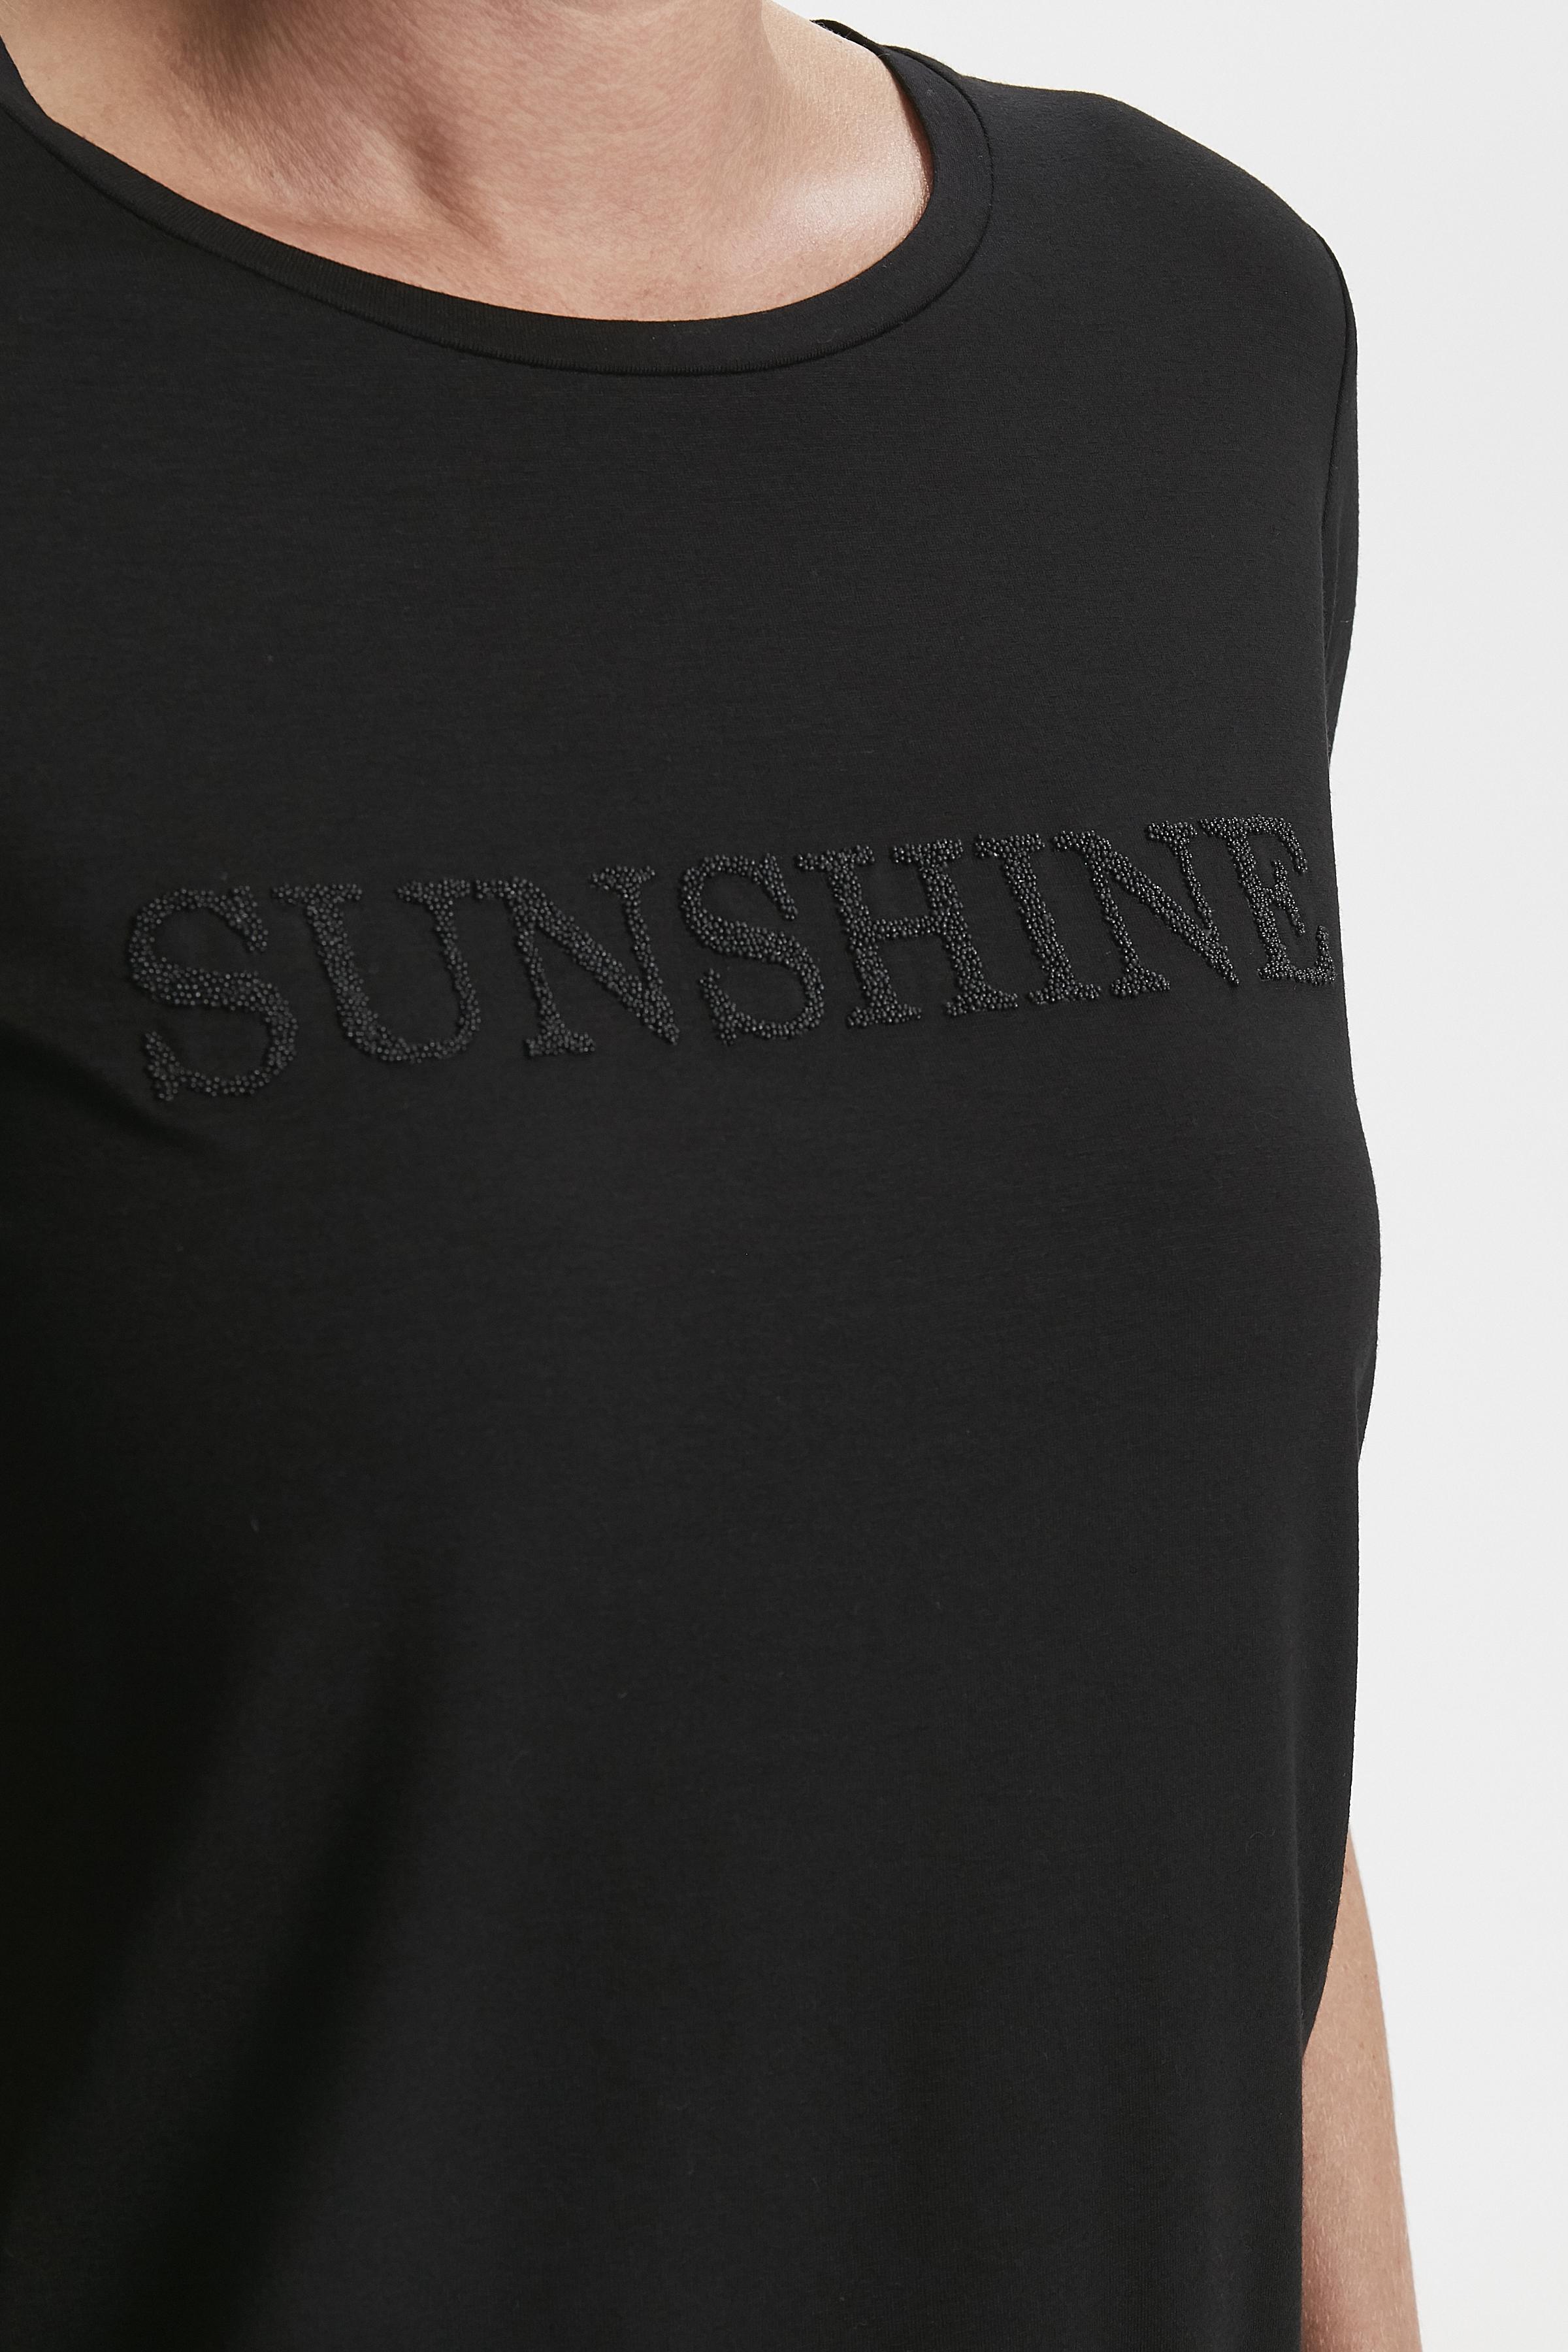 Sort Kortærmet T-shirt fra Bon'A Parte – Køb Sort Kortærmet T-shirt fra str. S-2XL her